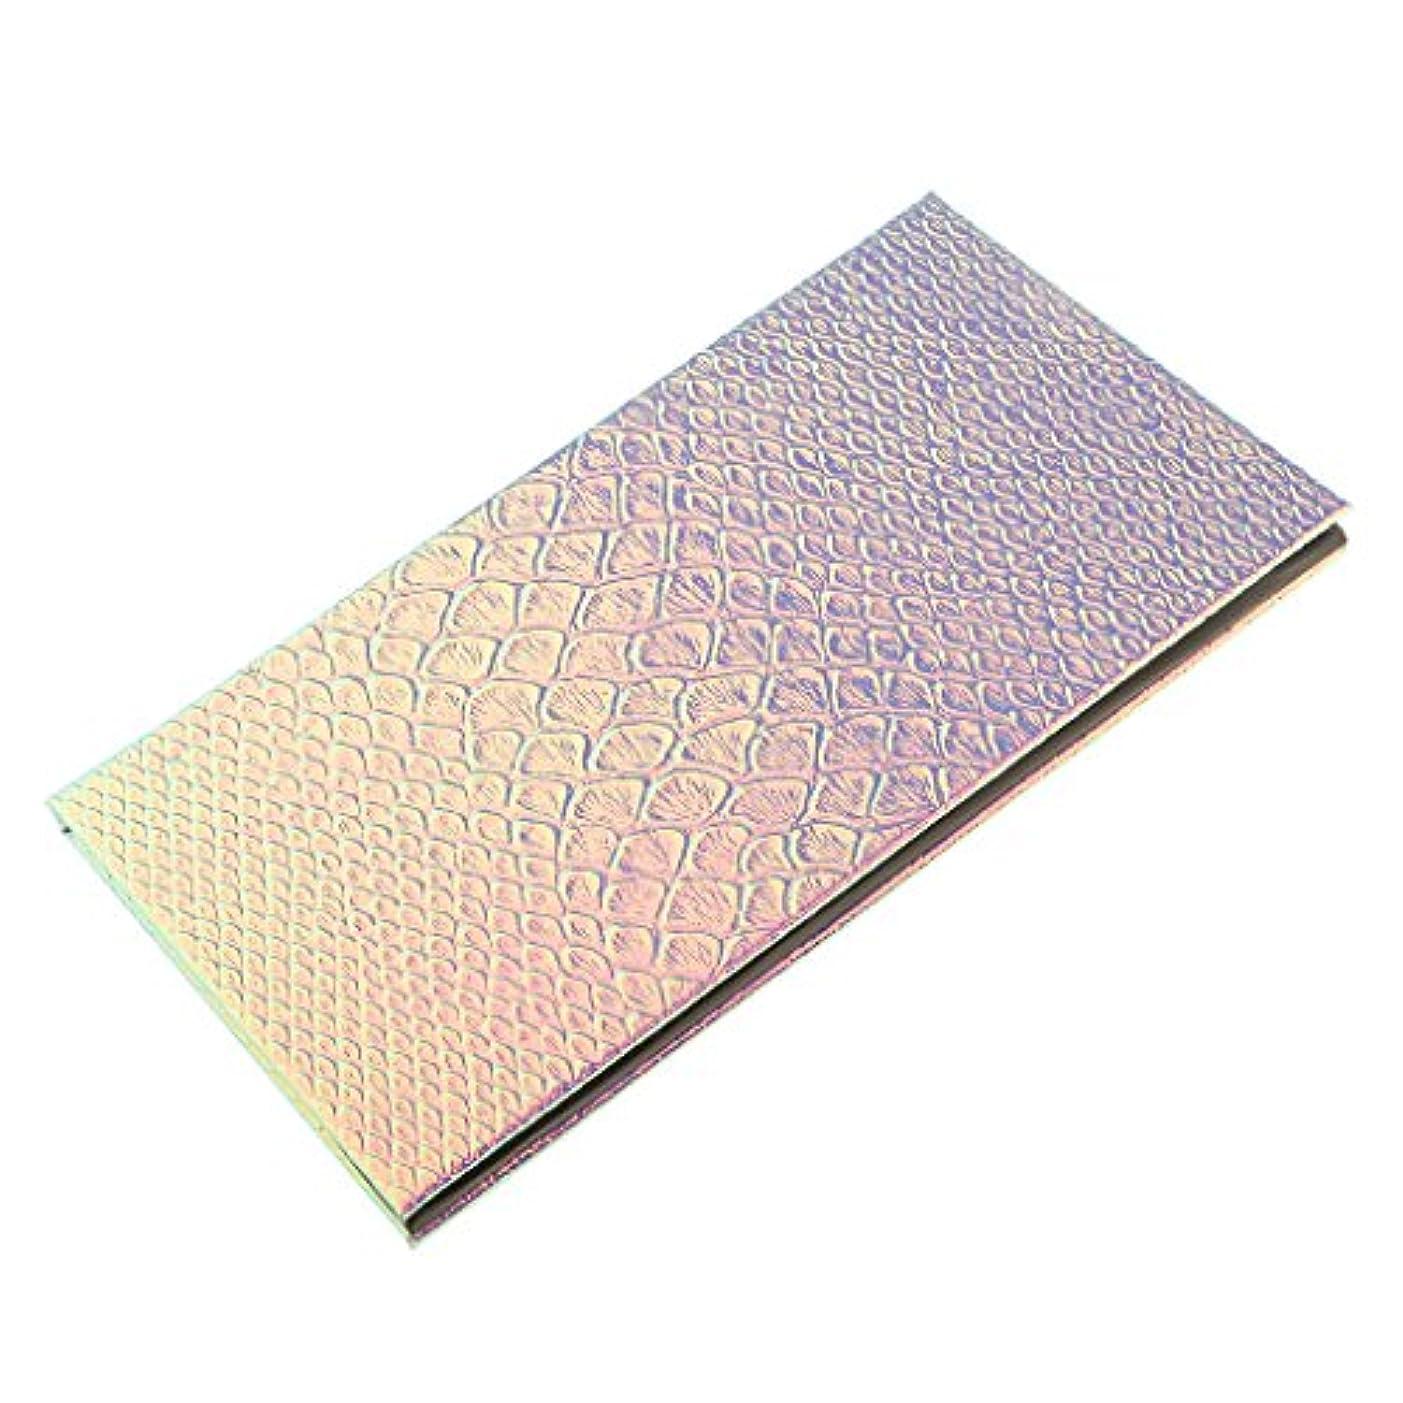 嘆く下品ボリュームBaosity 磁気パレットボックス 空の磁気パレット メイクアップ 化粧 コスメ 収納 ボックス 全2サイズ選べ - 18x10cm